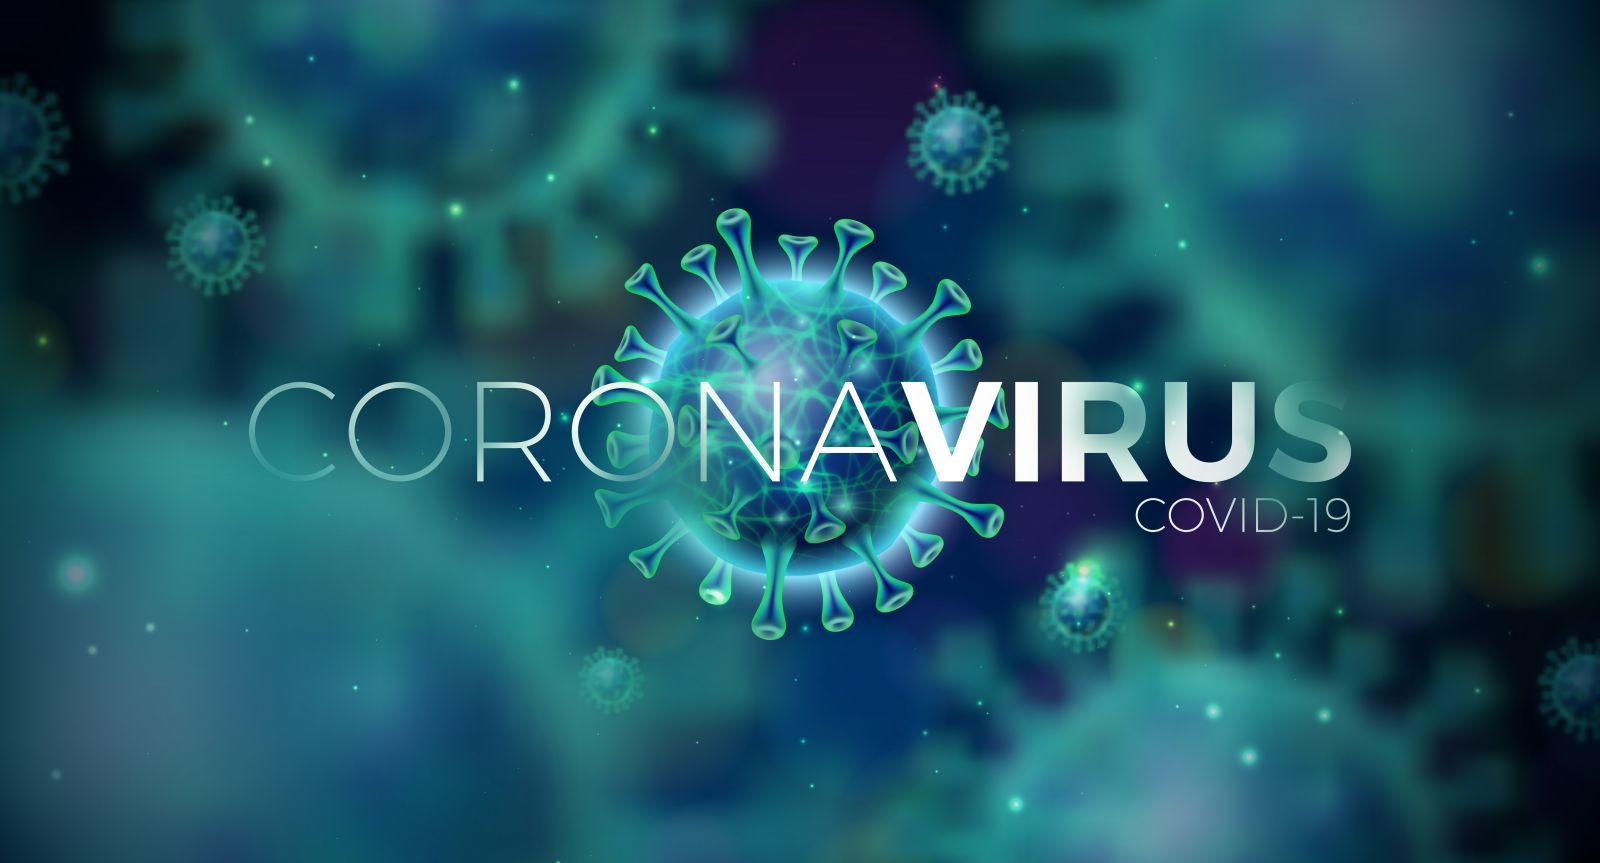 Adım Adım Koronavirüs (Covid-19) Testi Nasıl Yapılır?